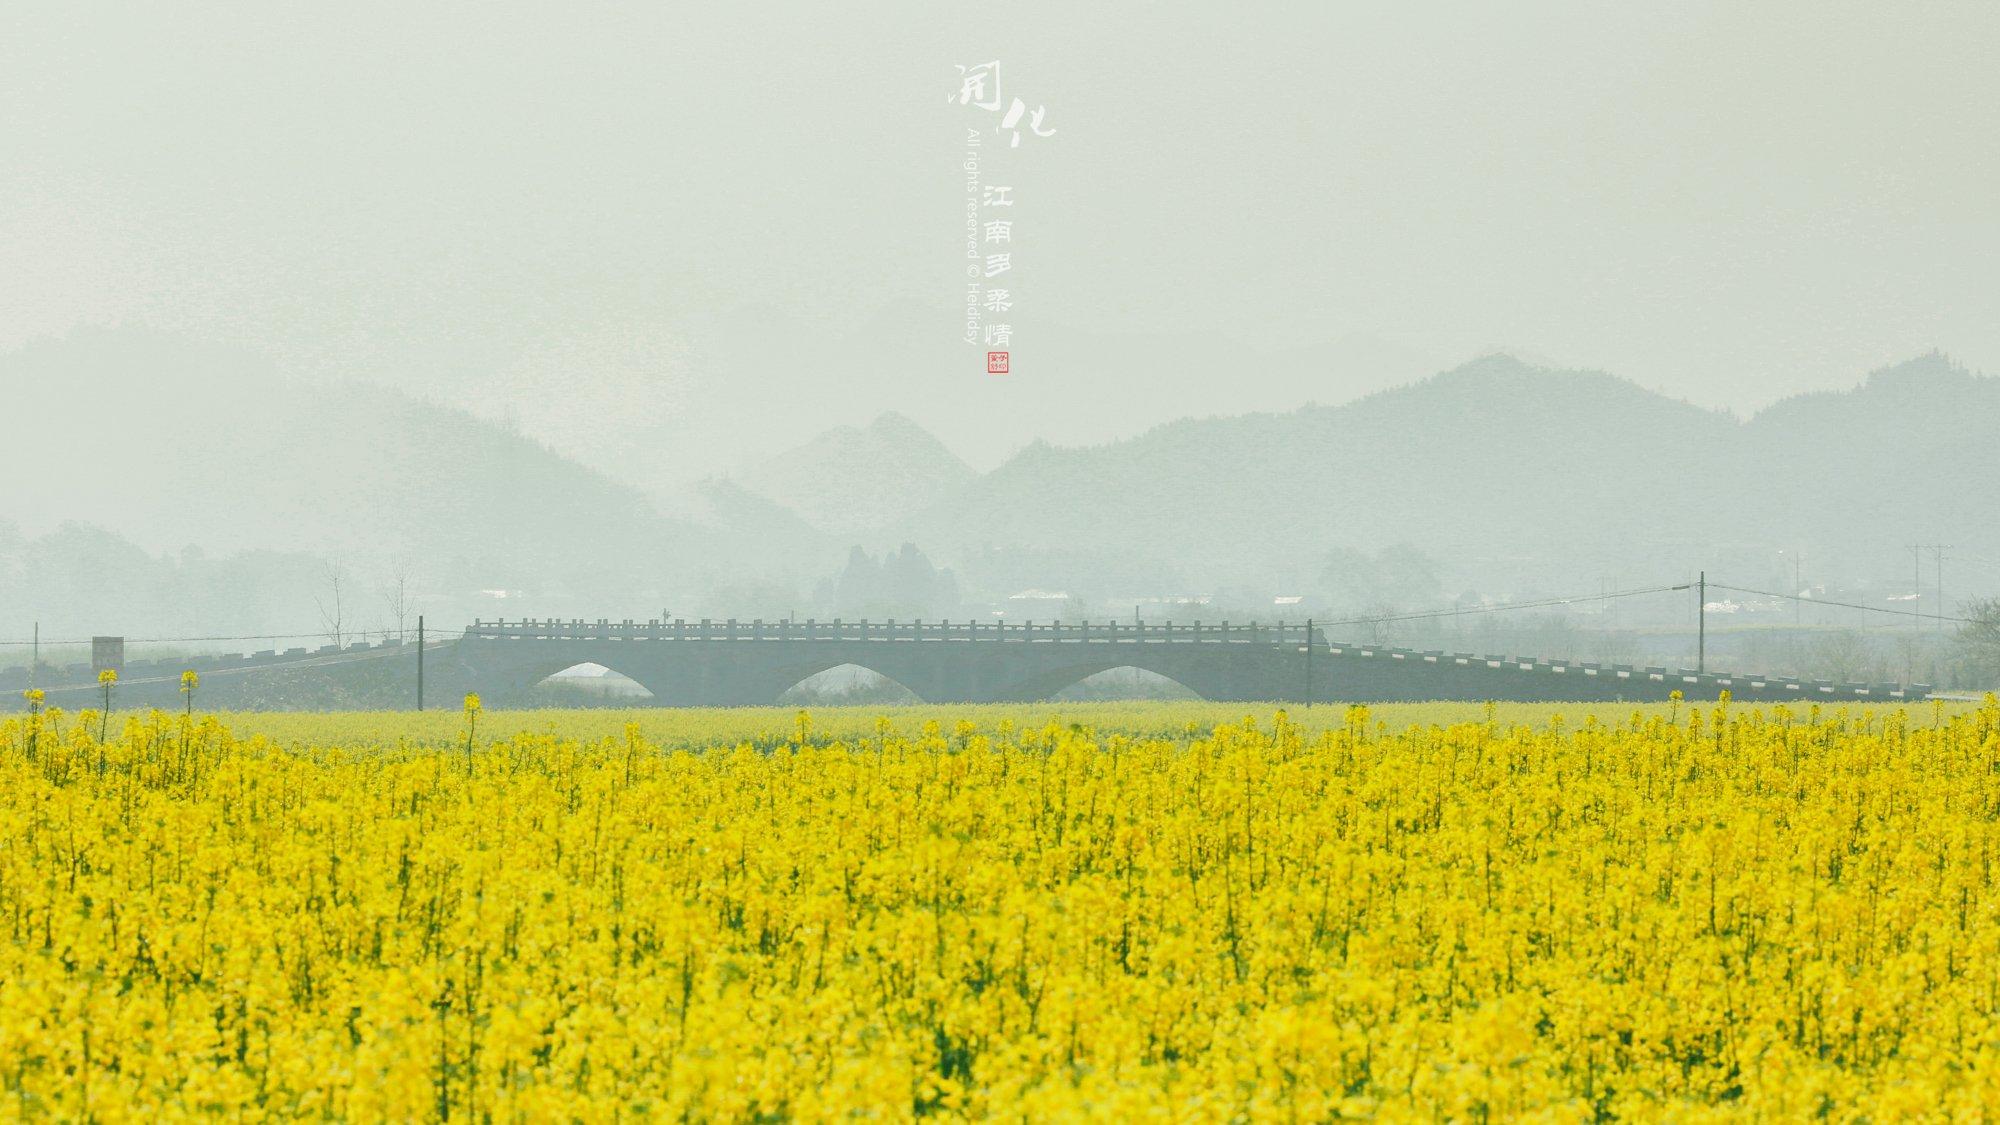 【海蒂手记】江南多柔情之浙西赣北春游记